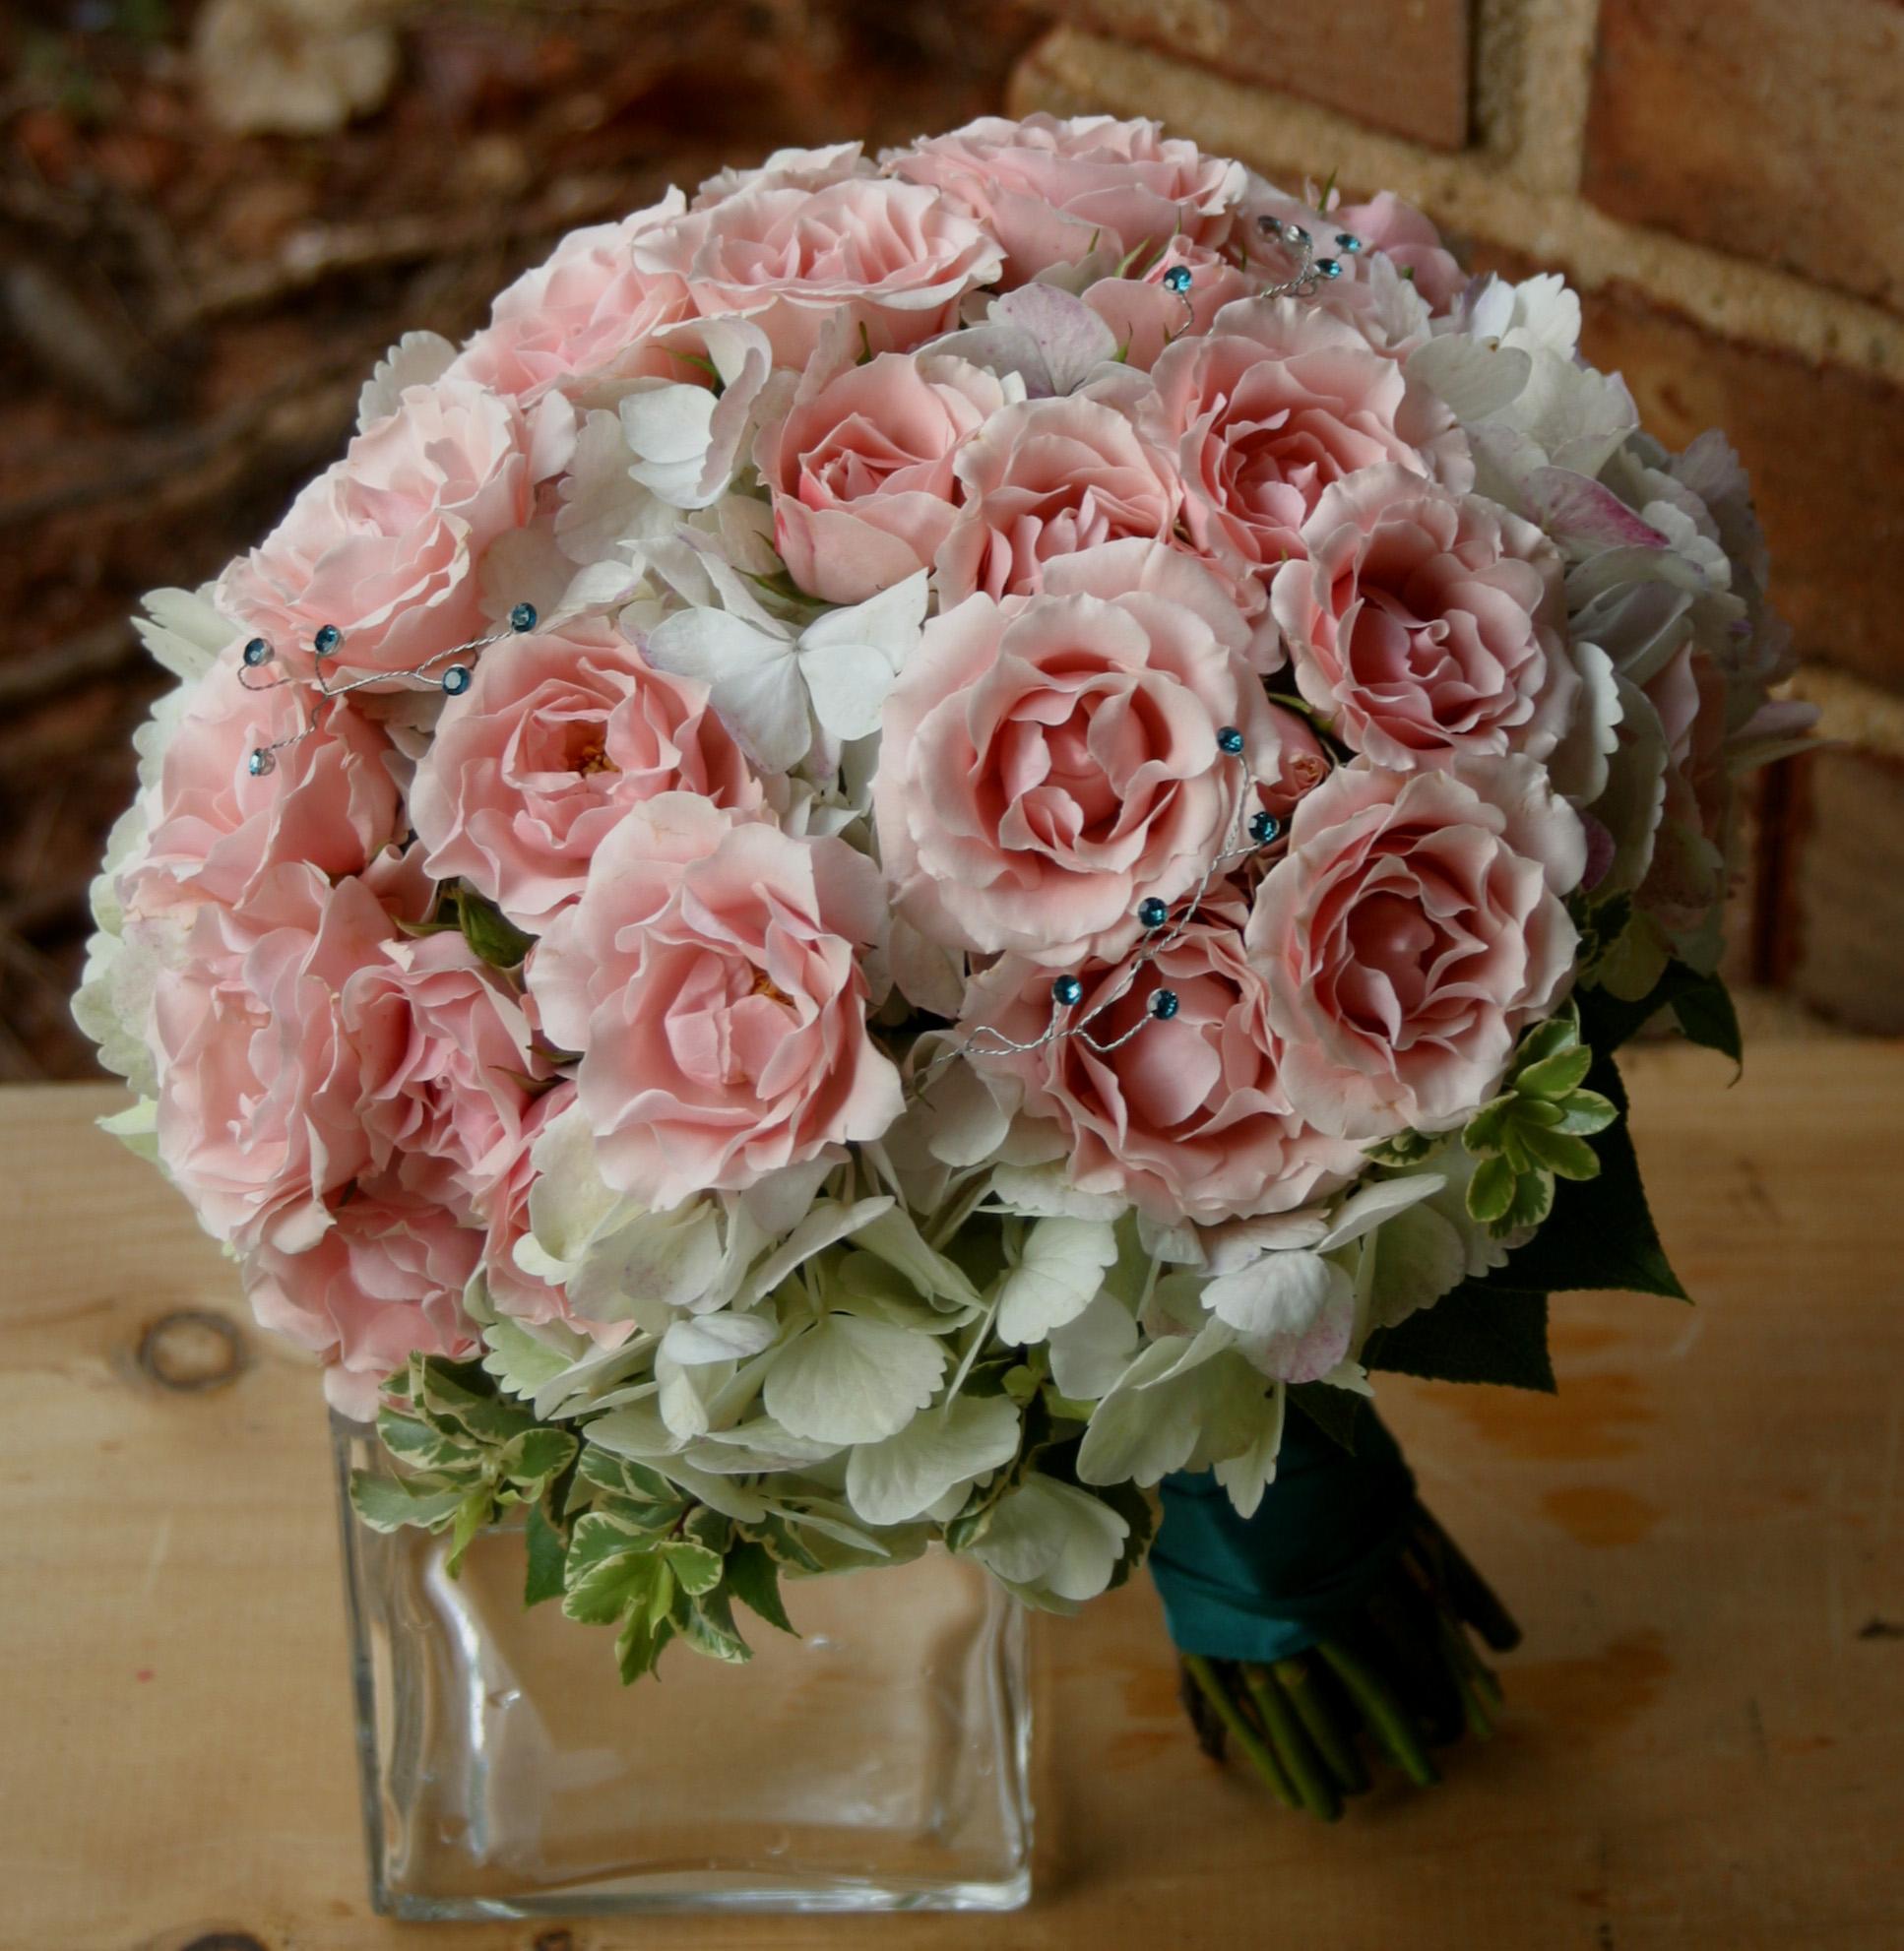 vintage wedding flowers vintage bridal bouquet wedding flowers pink wedding flowers wedding. Black Bedroom Furniture Sets. Home Design Ideas